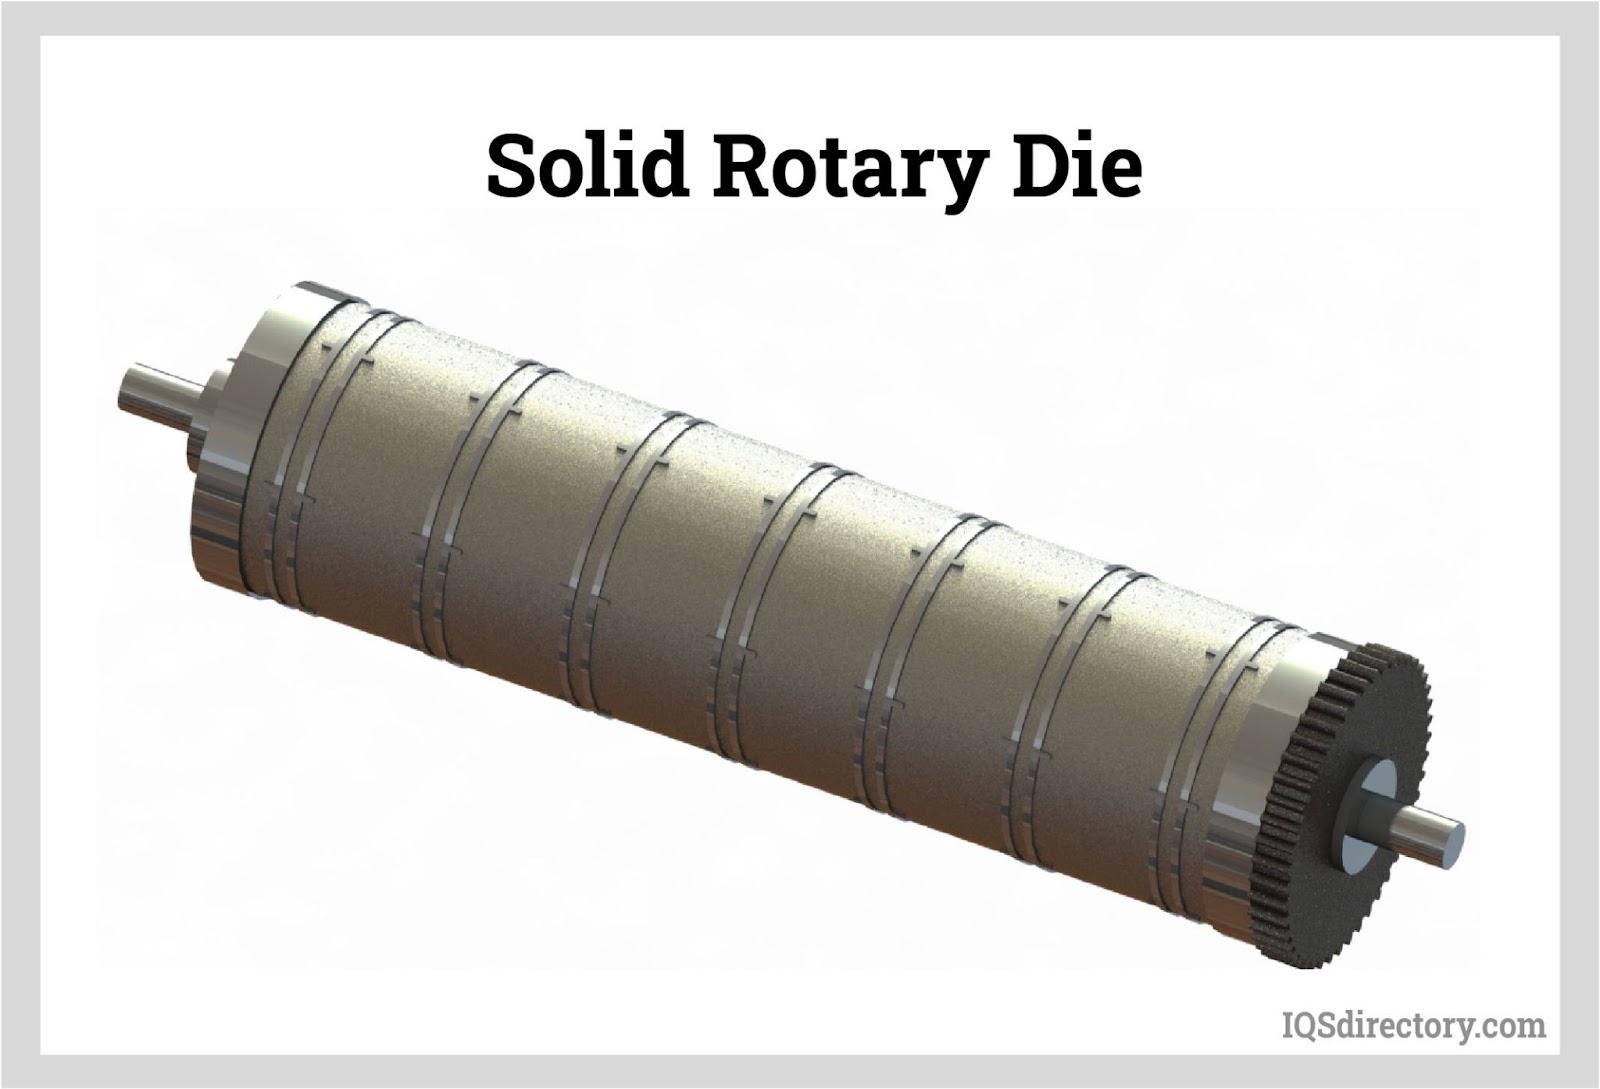 Solid Rotary Die